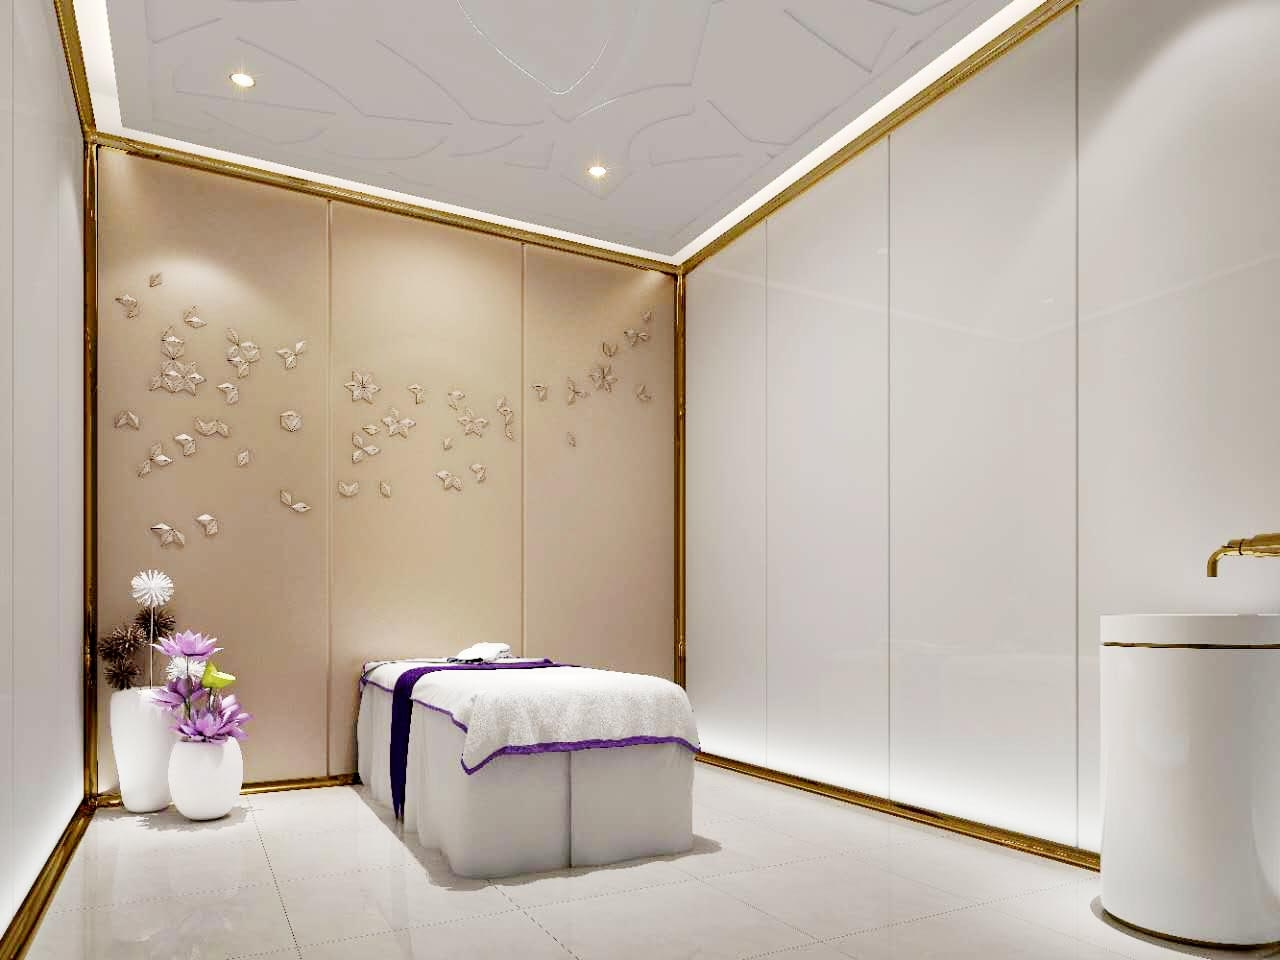 杭州港丽医疗美容诊所环境图4